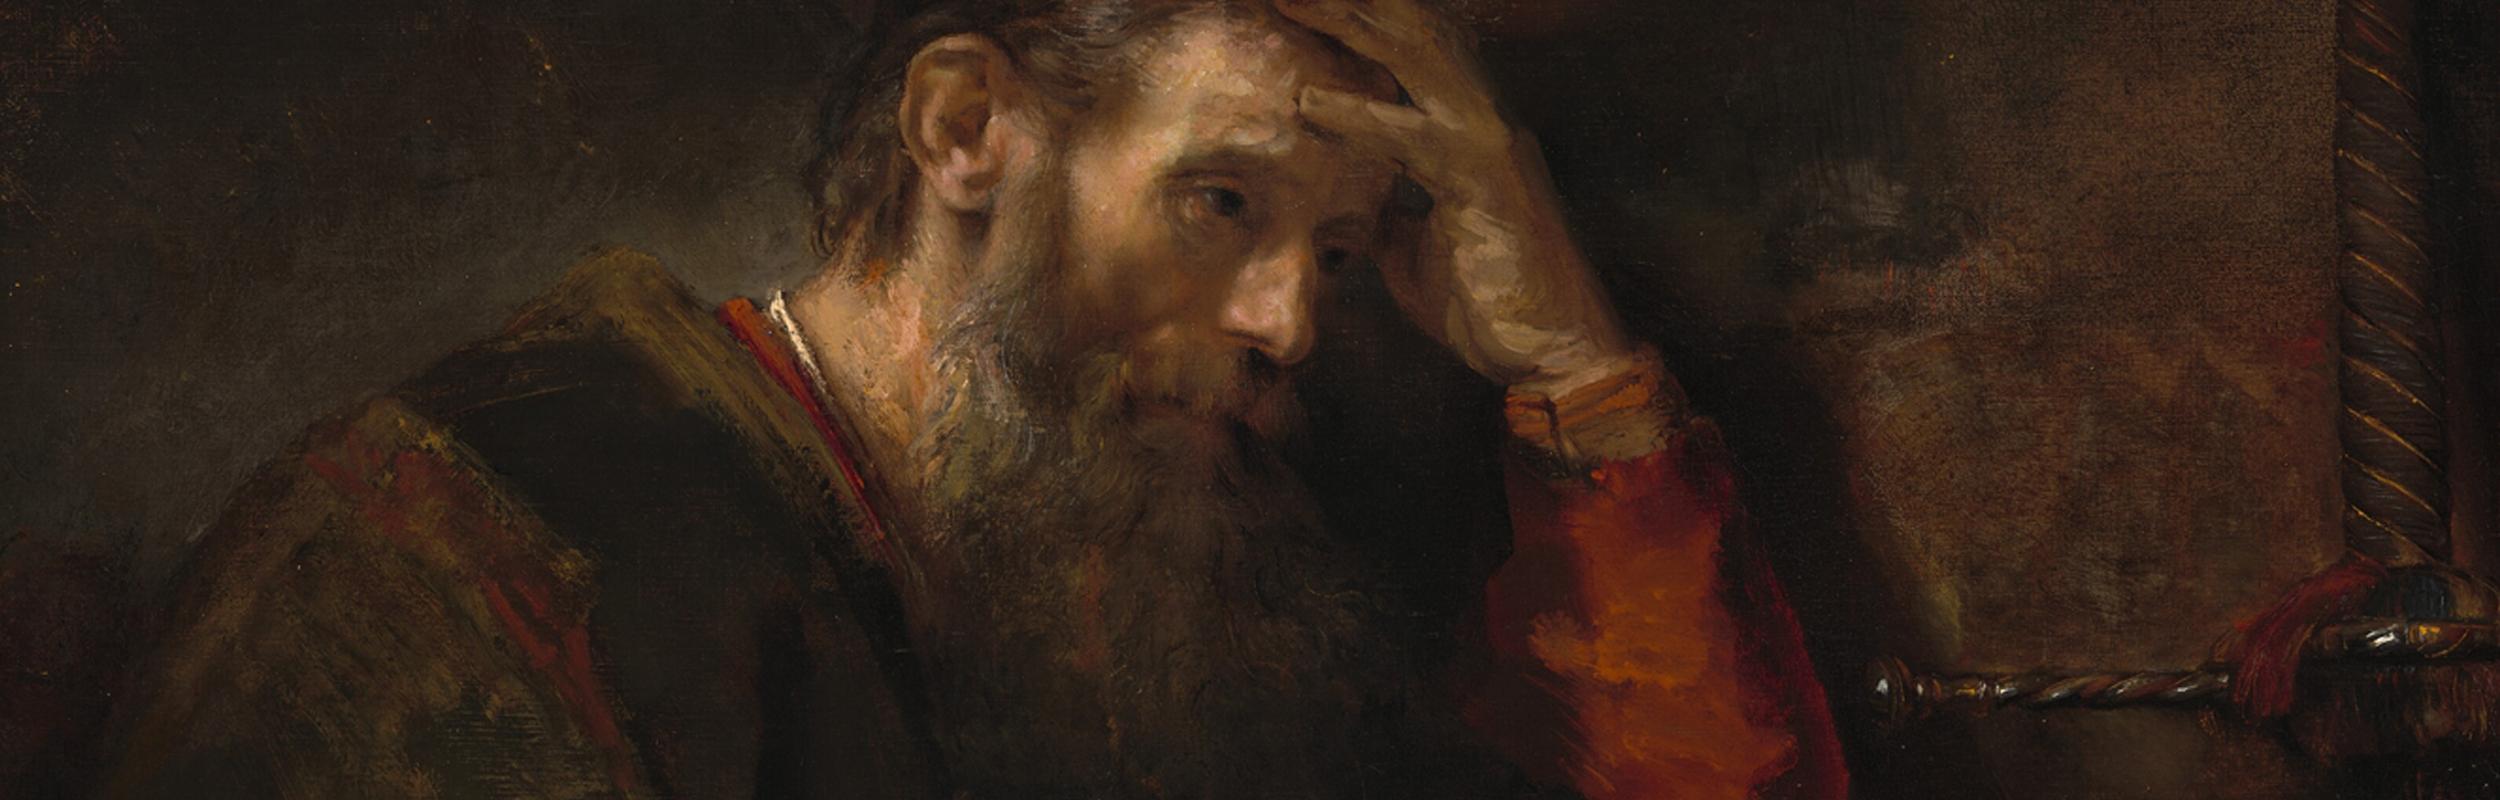 The Historical Paul: The Paul of History or Faith?